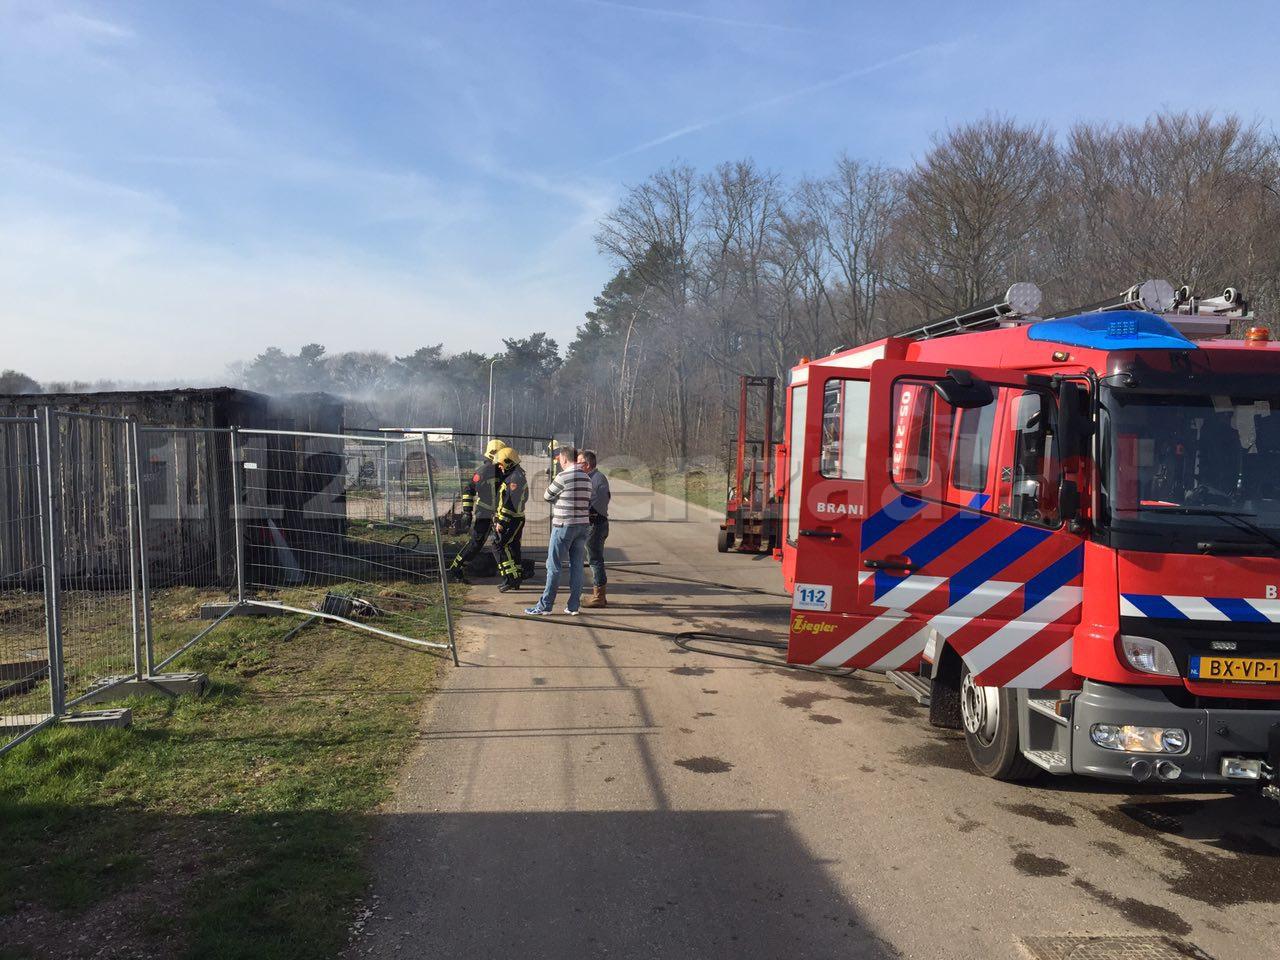 Foto 3: Brandweer rukt uit voor brand in containers Jufferbeek Oldenzaal